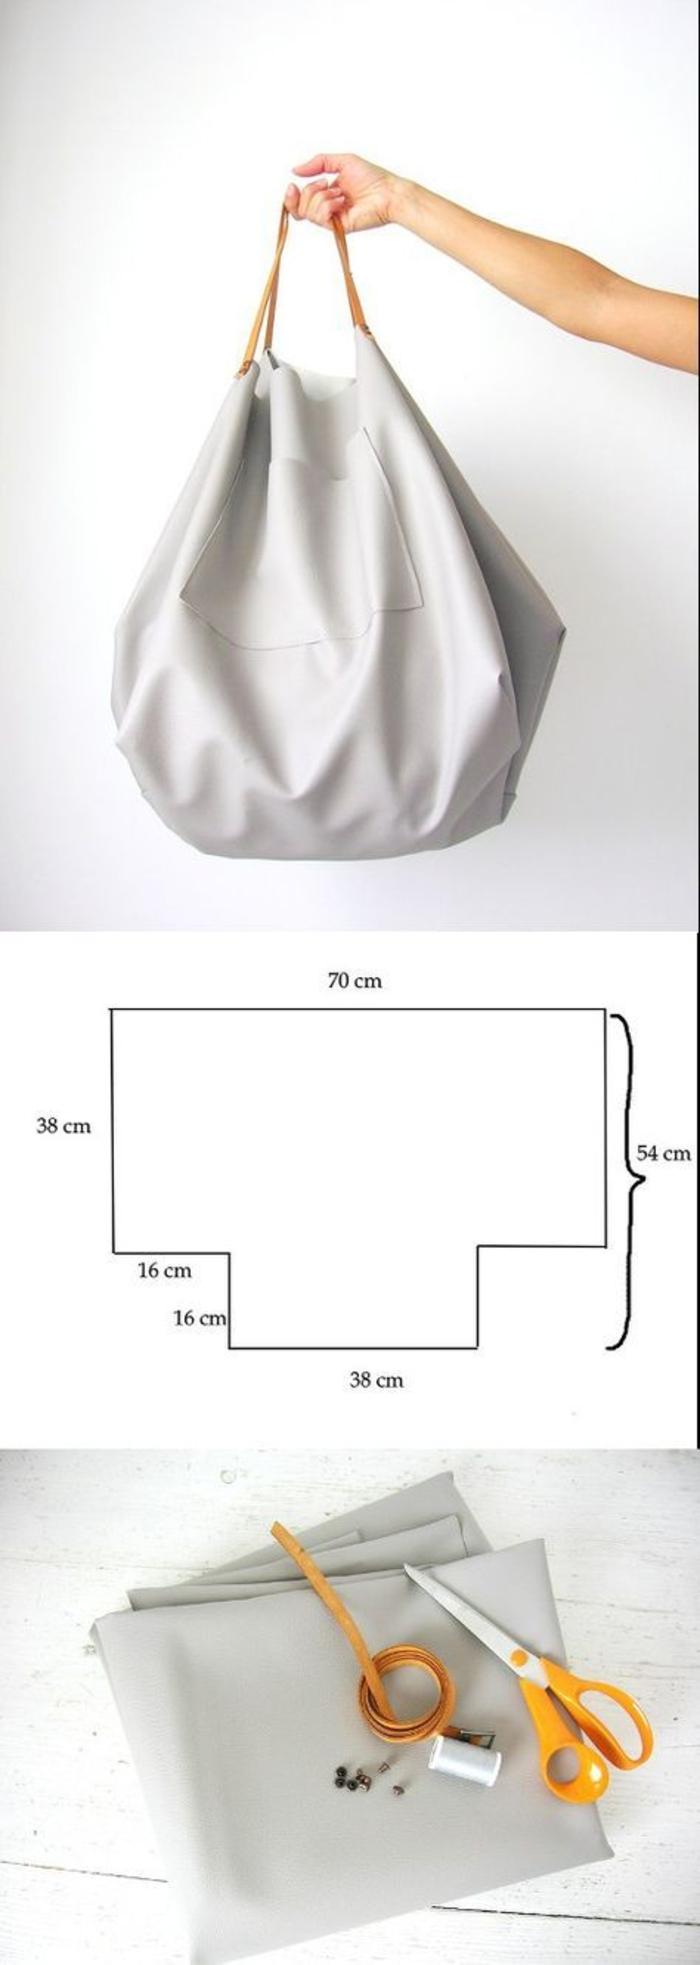 tuto couture facile trouvez de l inspiration pour vos cr ations obsigen. Black Bedroom Furniture Sets. Home Design Ideas